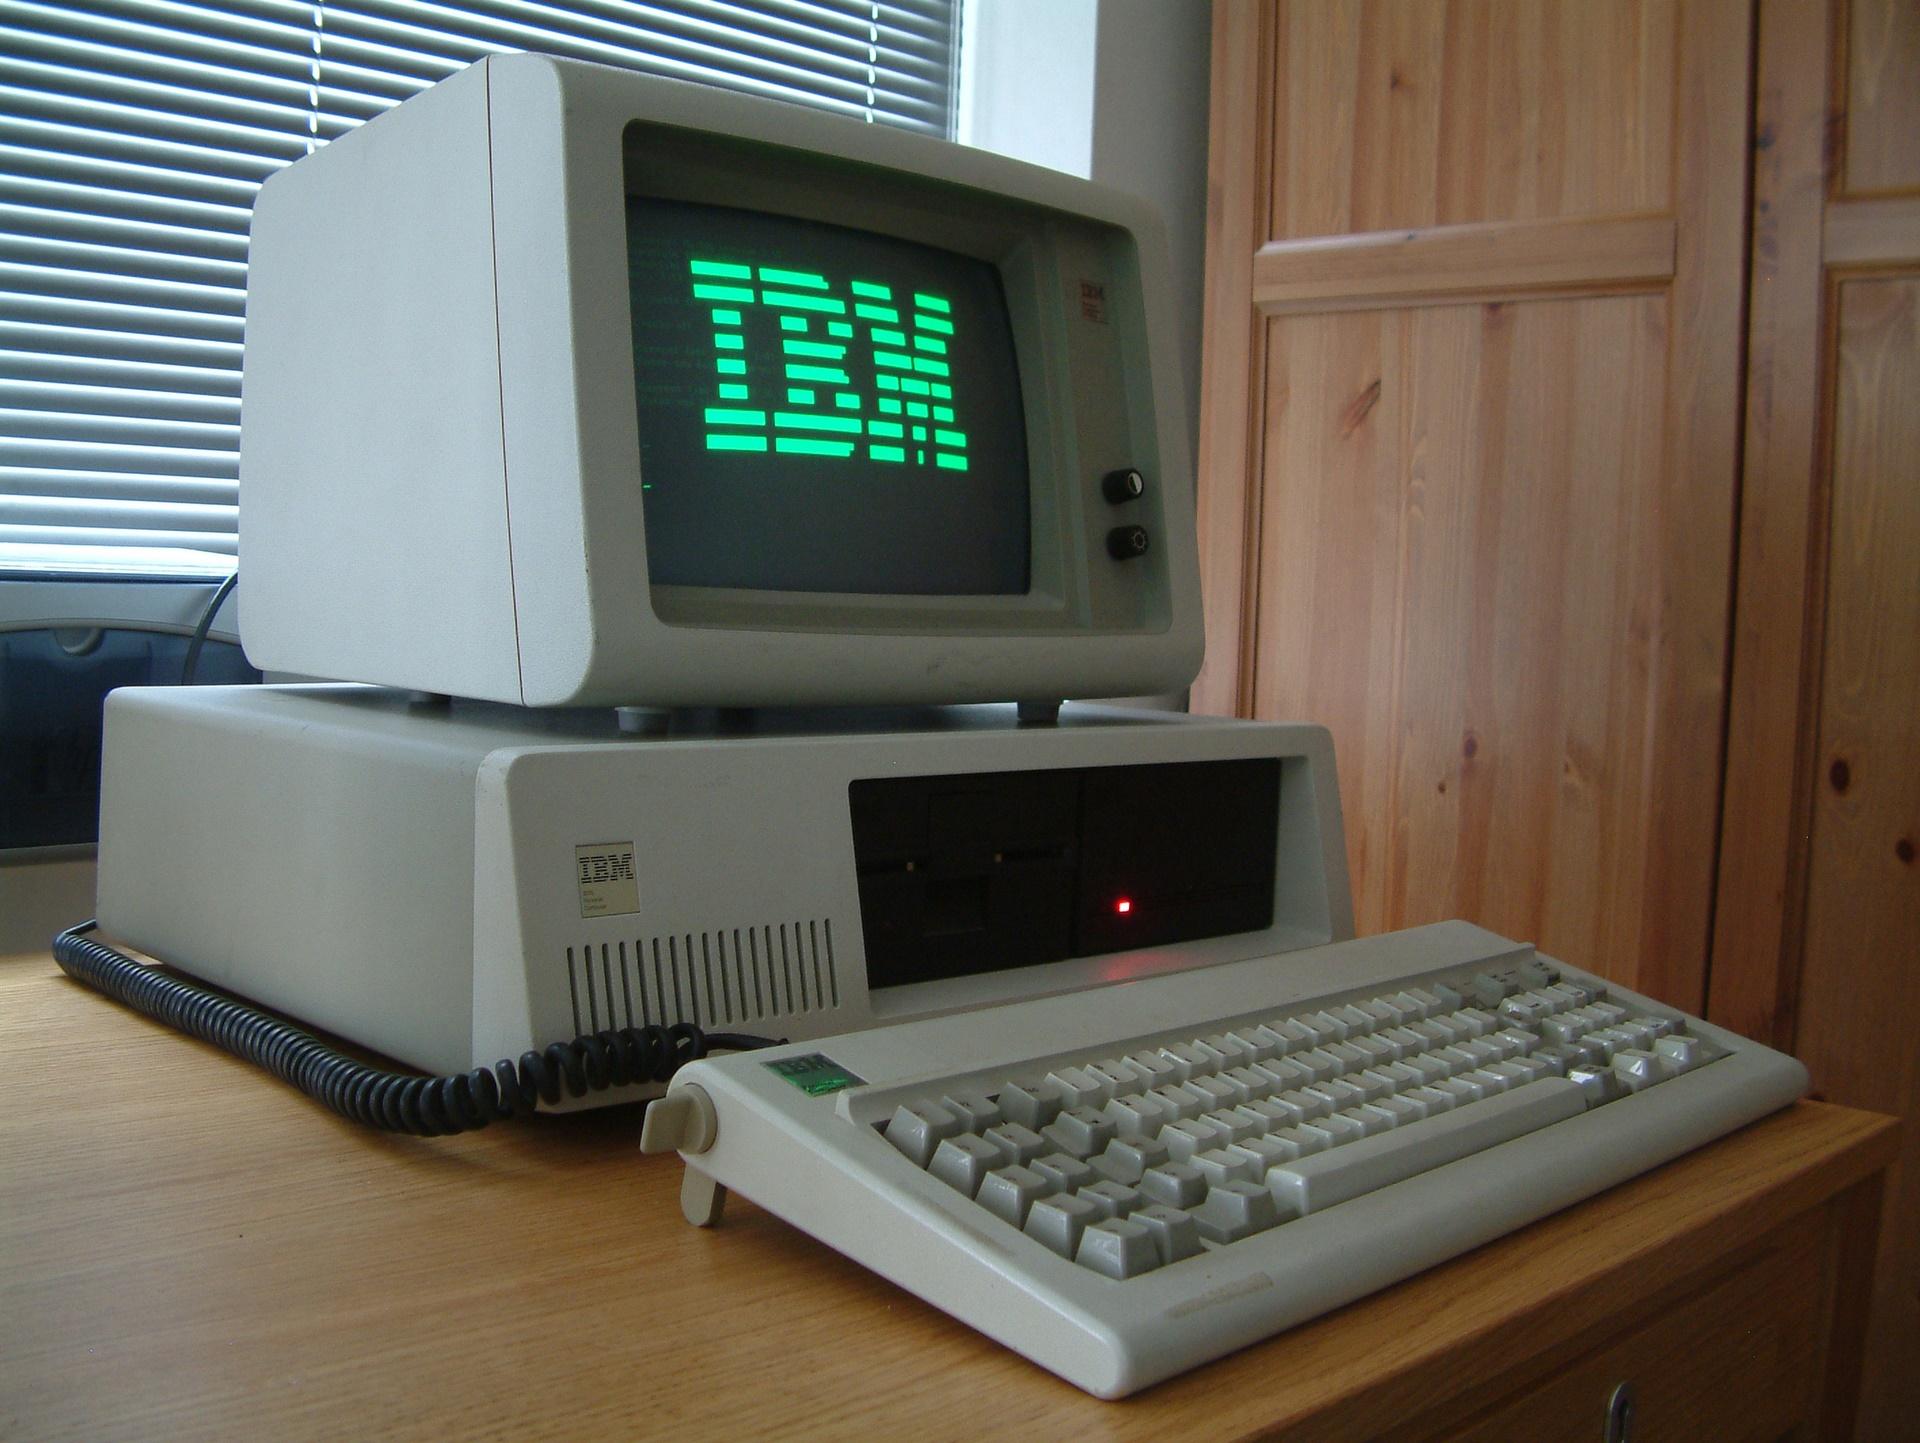 Imagem de Conheça os 10 mais icônicos, populares e marcantes computadores da história no tecmundo